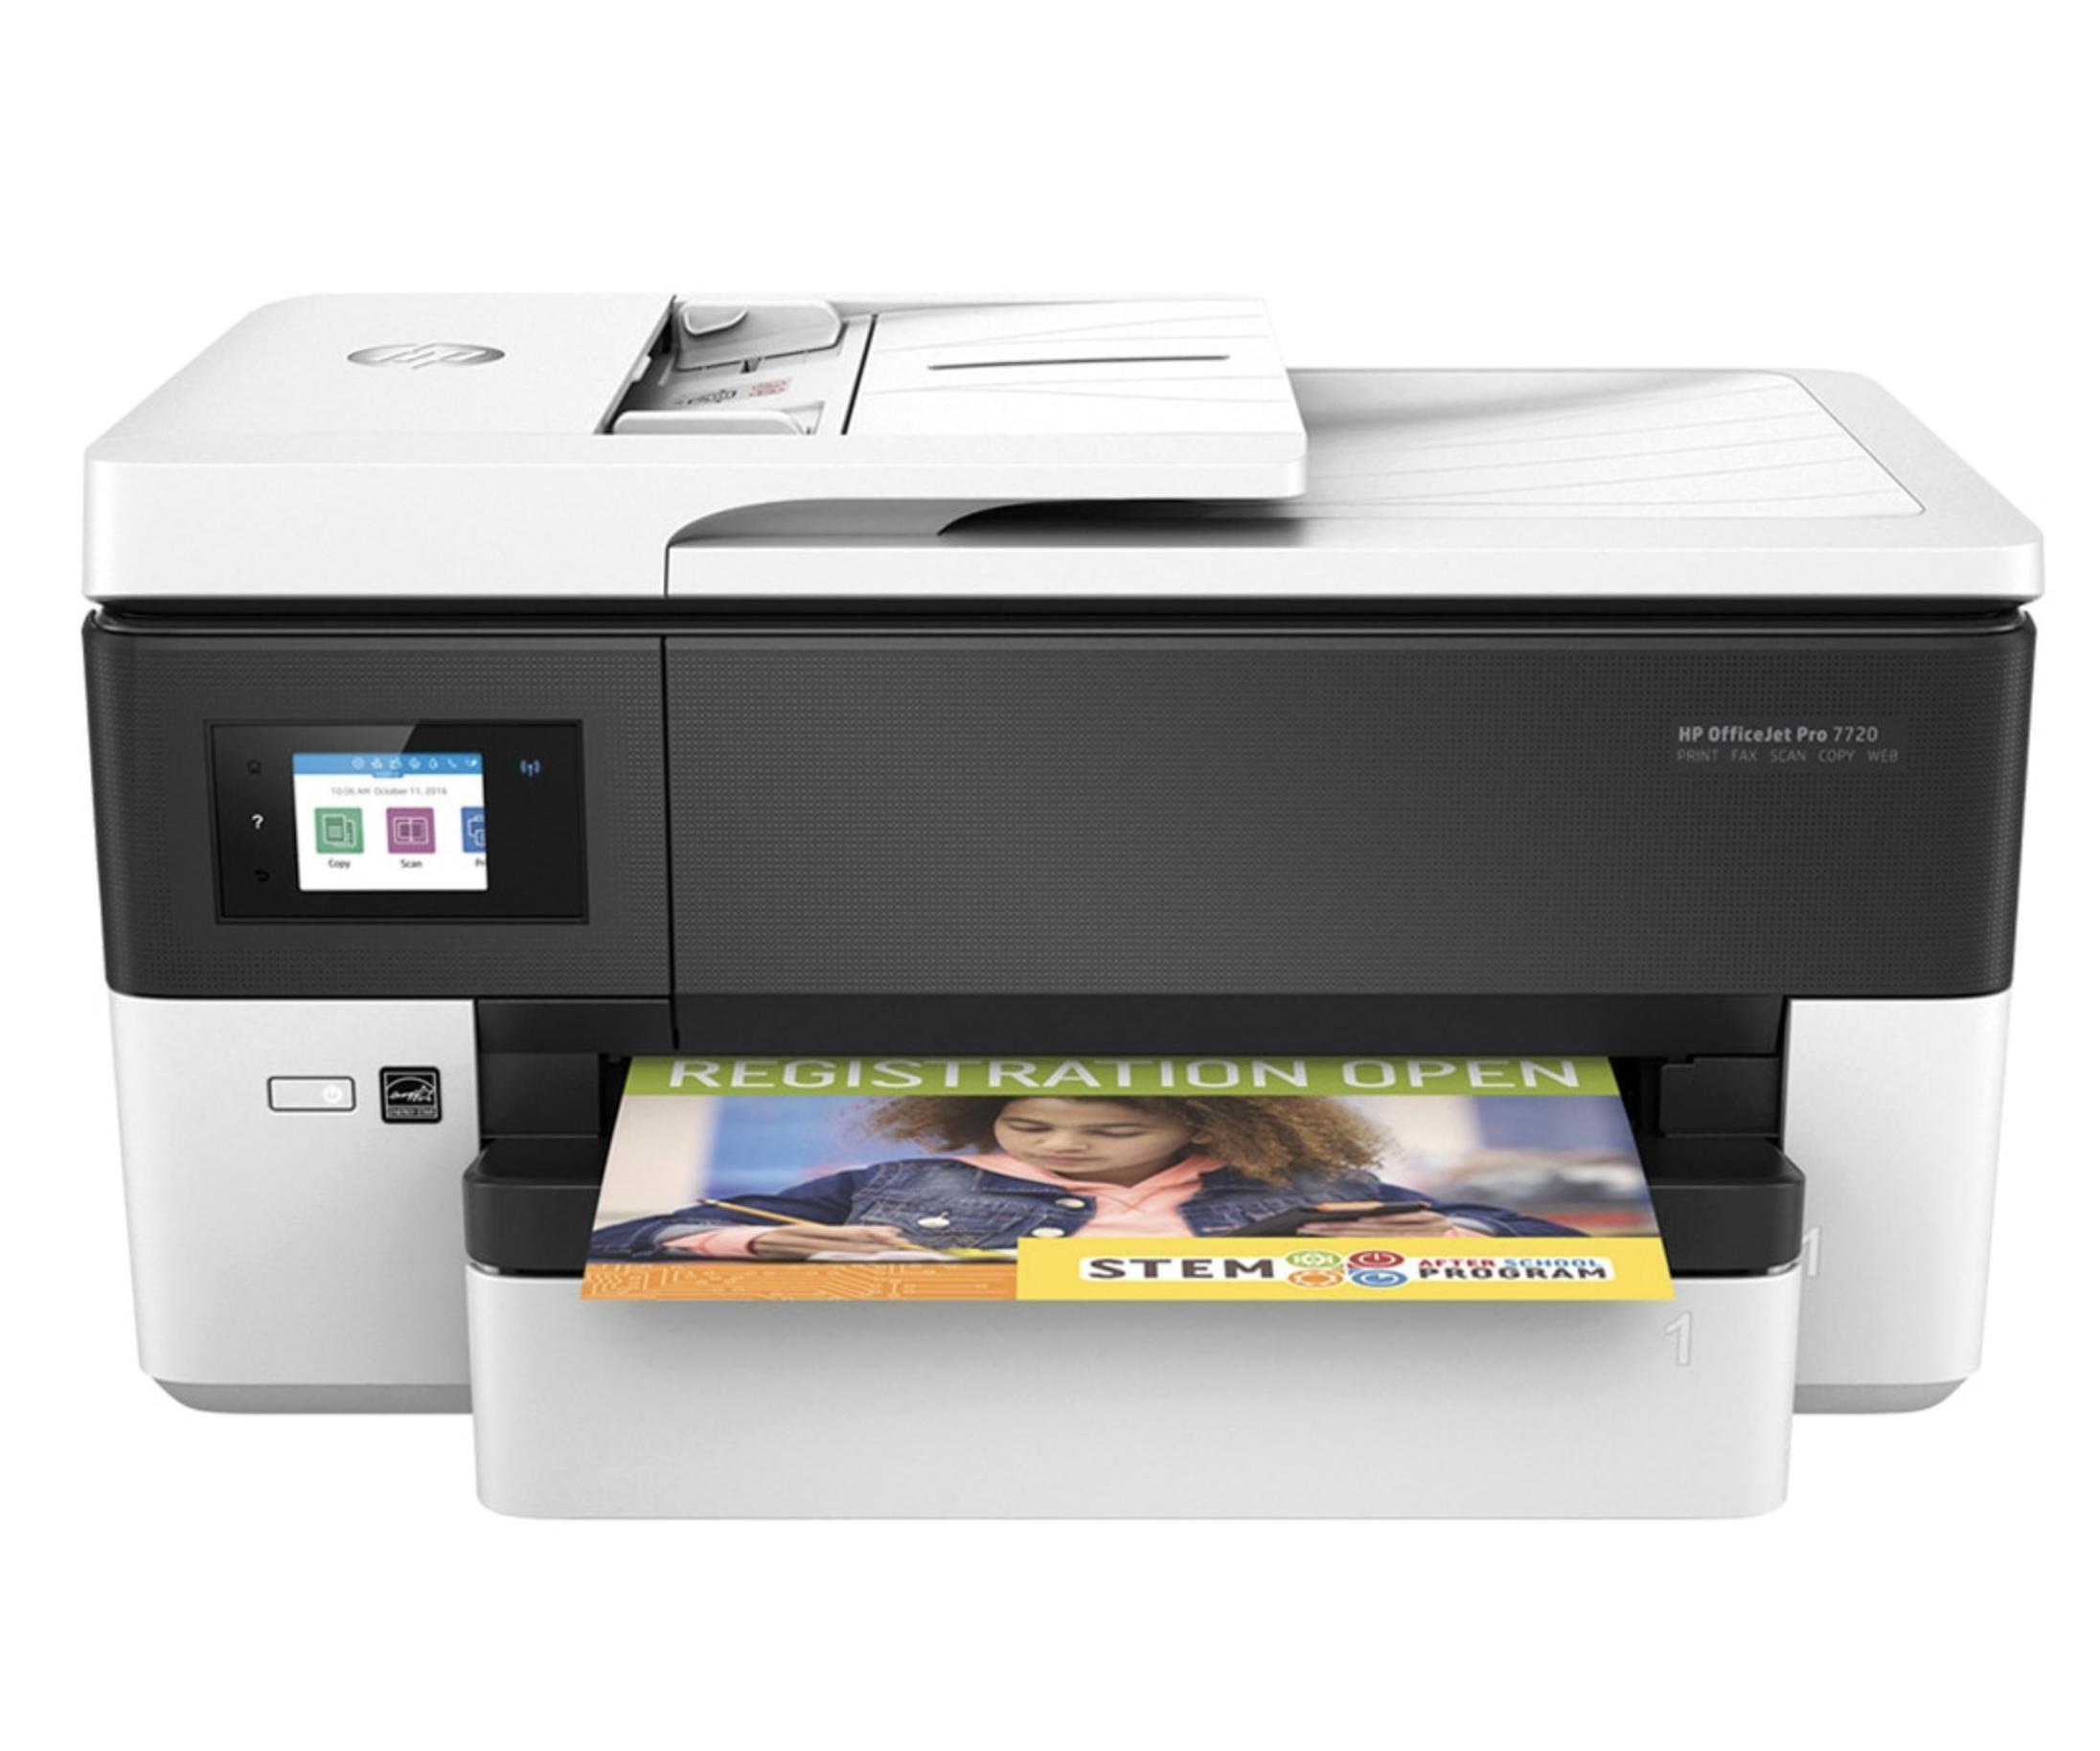 Impresora Multifunción tinta HP OfficeJet Pro 7720, Wi-Fi, copia, escanea, envía fax, impresión hasta tamaño A3